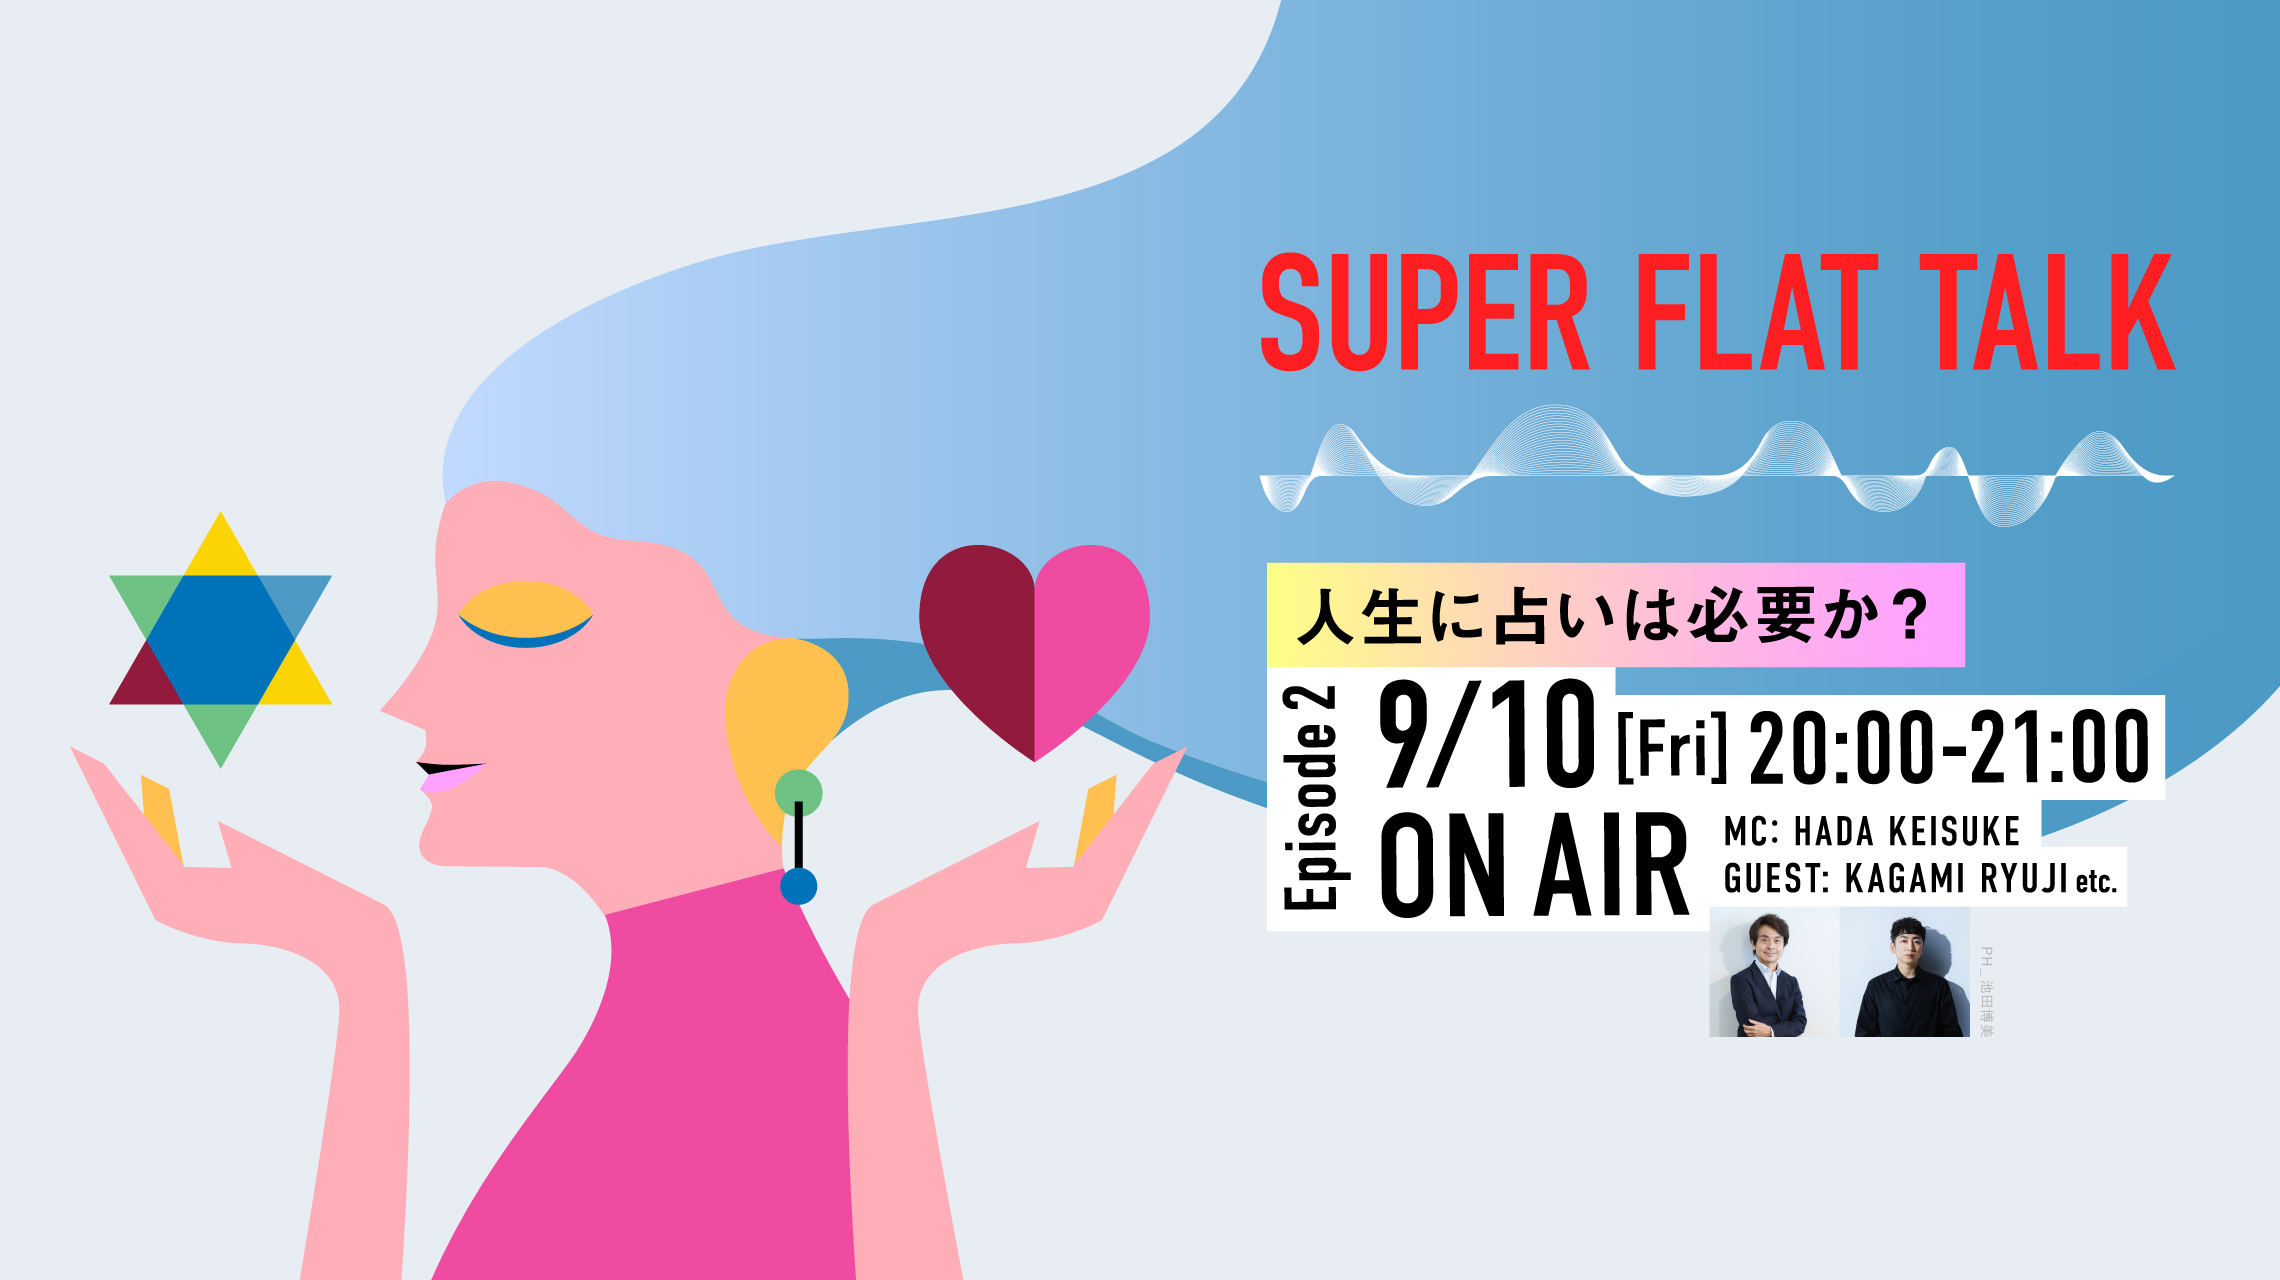 鏡リュウジと芥川賞作家・羽田圭介が占いを語る。ライブトーク番組「スーパーフラットトーク」